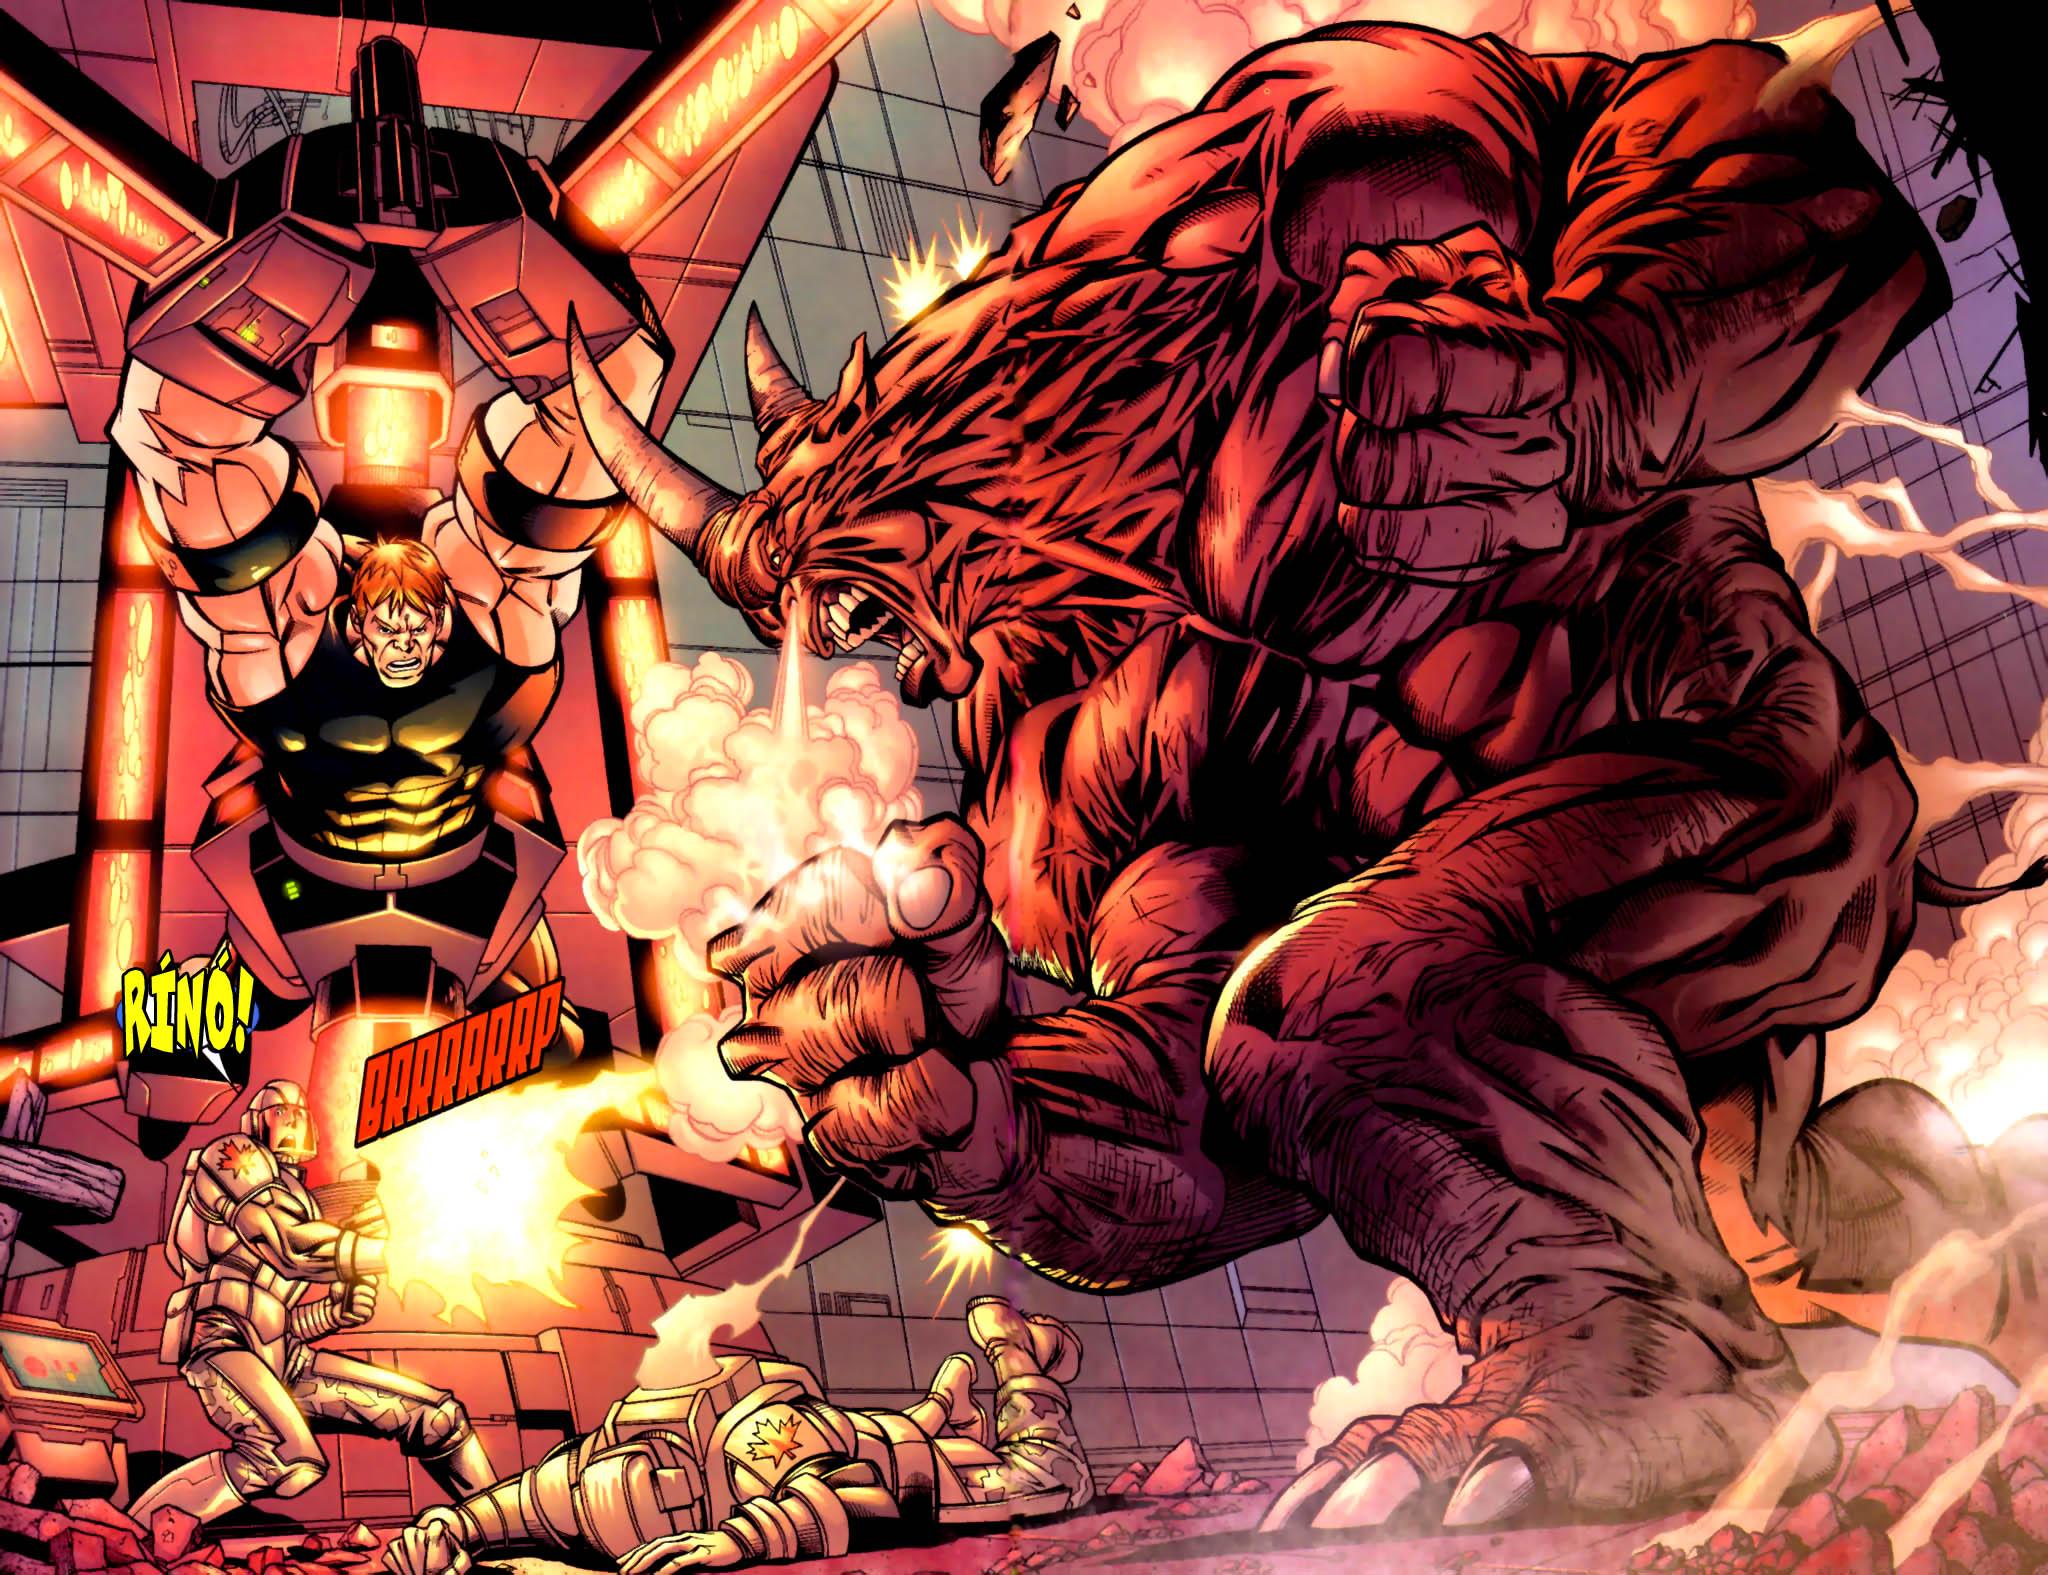 Most Inspiring Wallpaper Marvel Juggernaut - -Earth-616-Juggernaut-Cain-Marko-juggernaut-36830238-2048-1575  You Should Have_682886.jpg